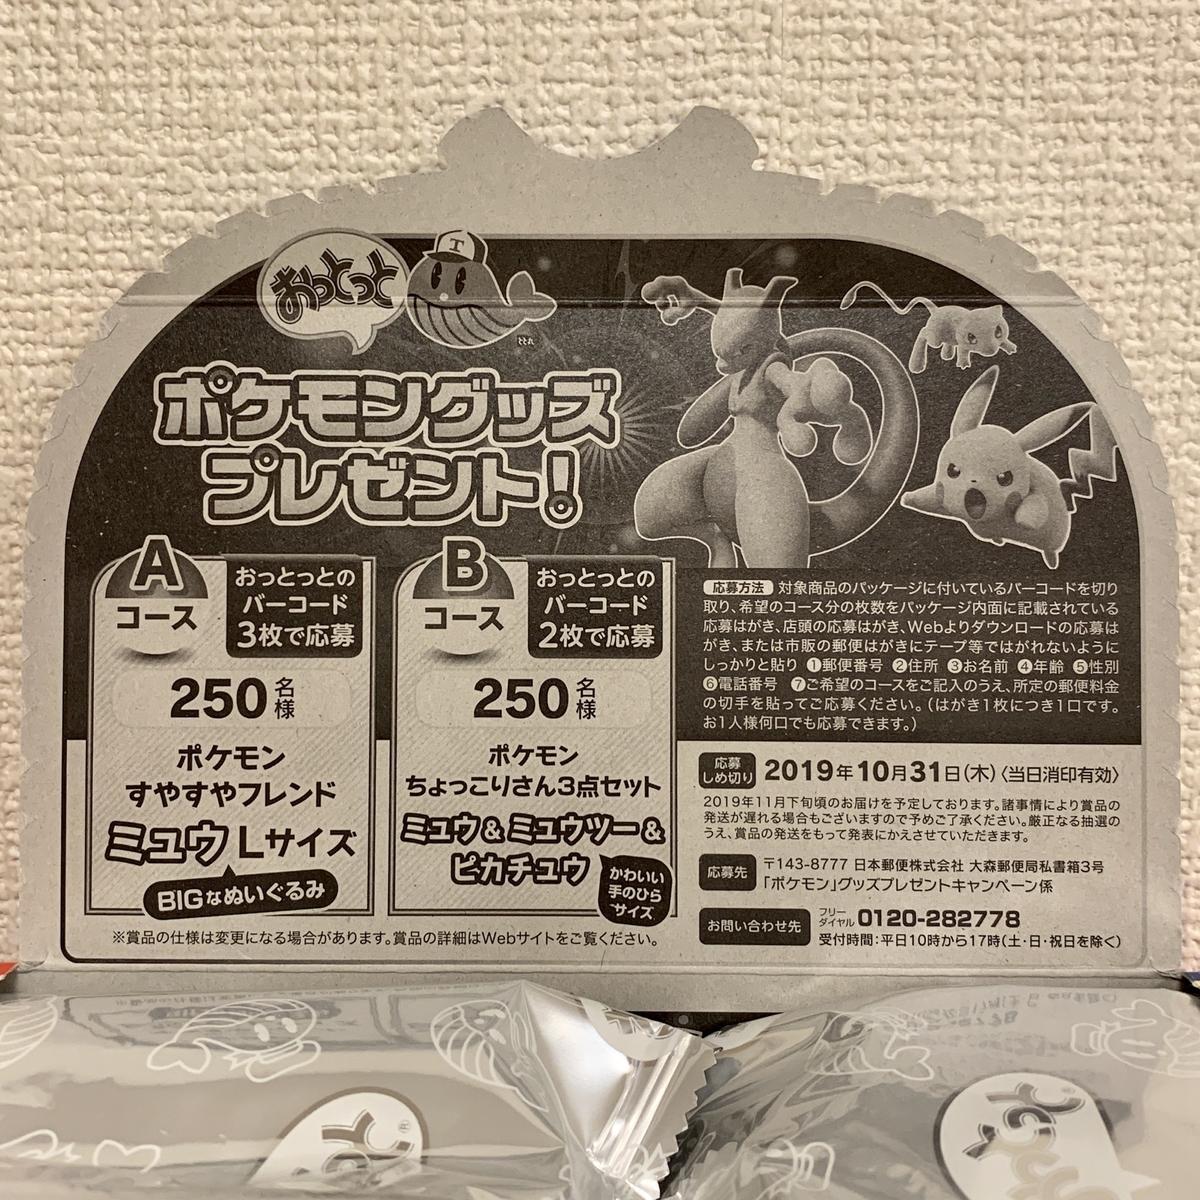 f:id:pikachu_pcn:20190614215631j:plain